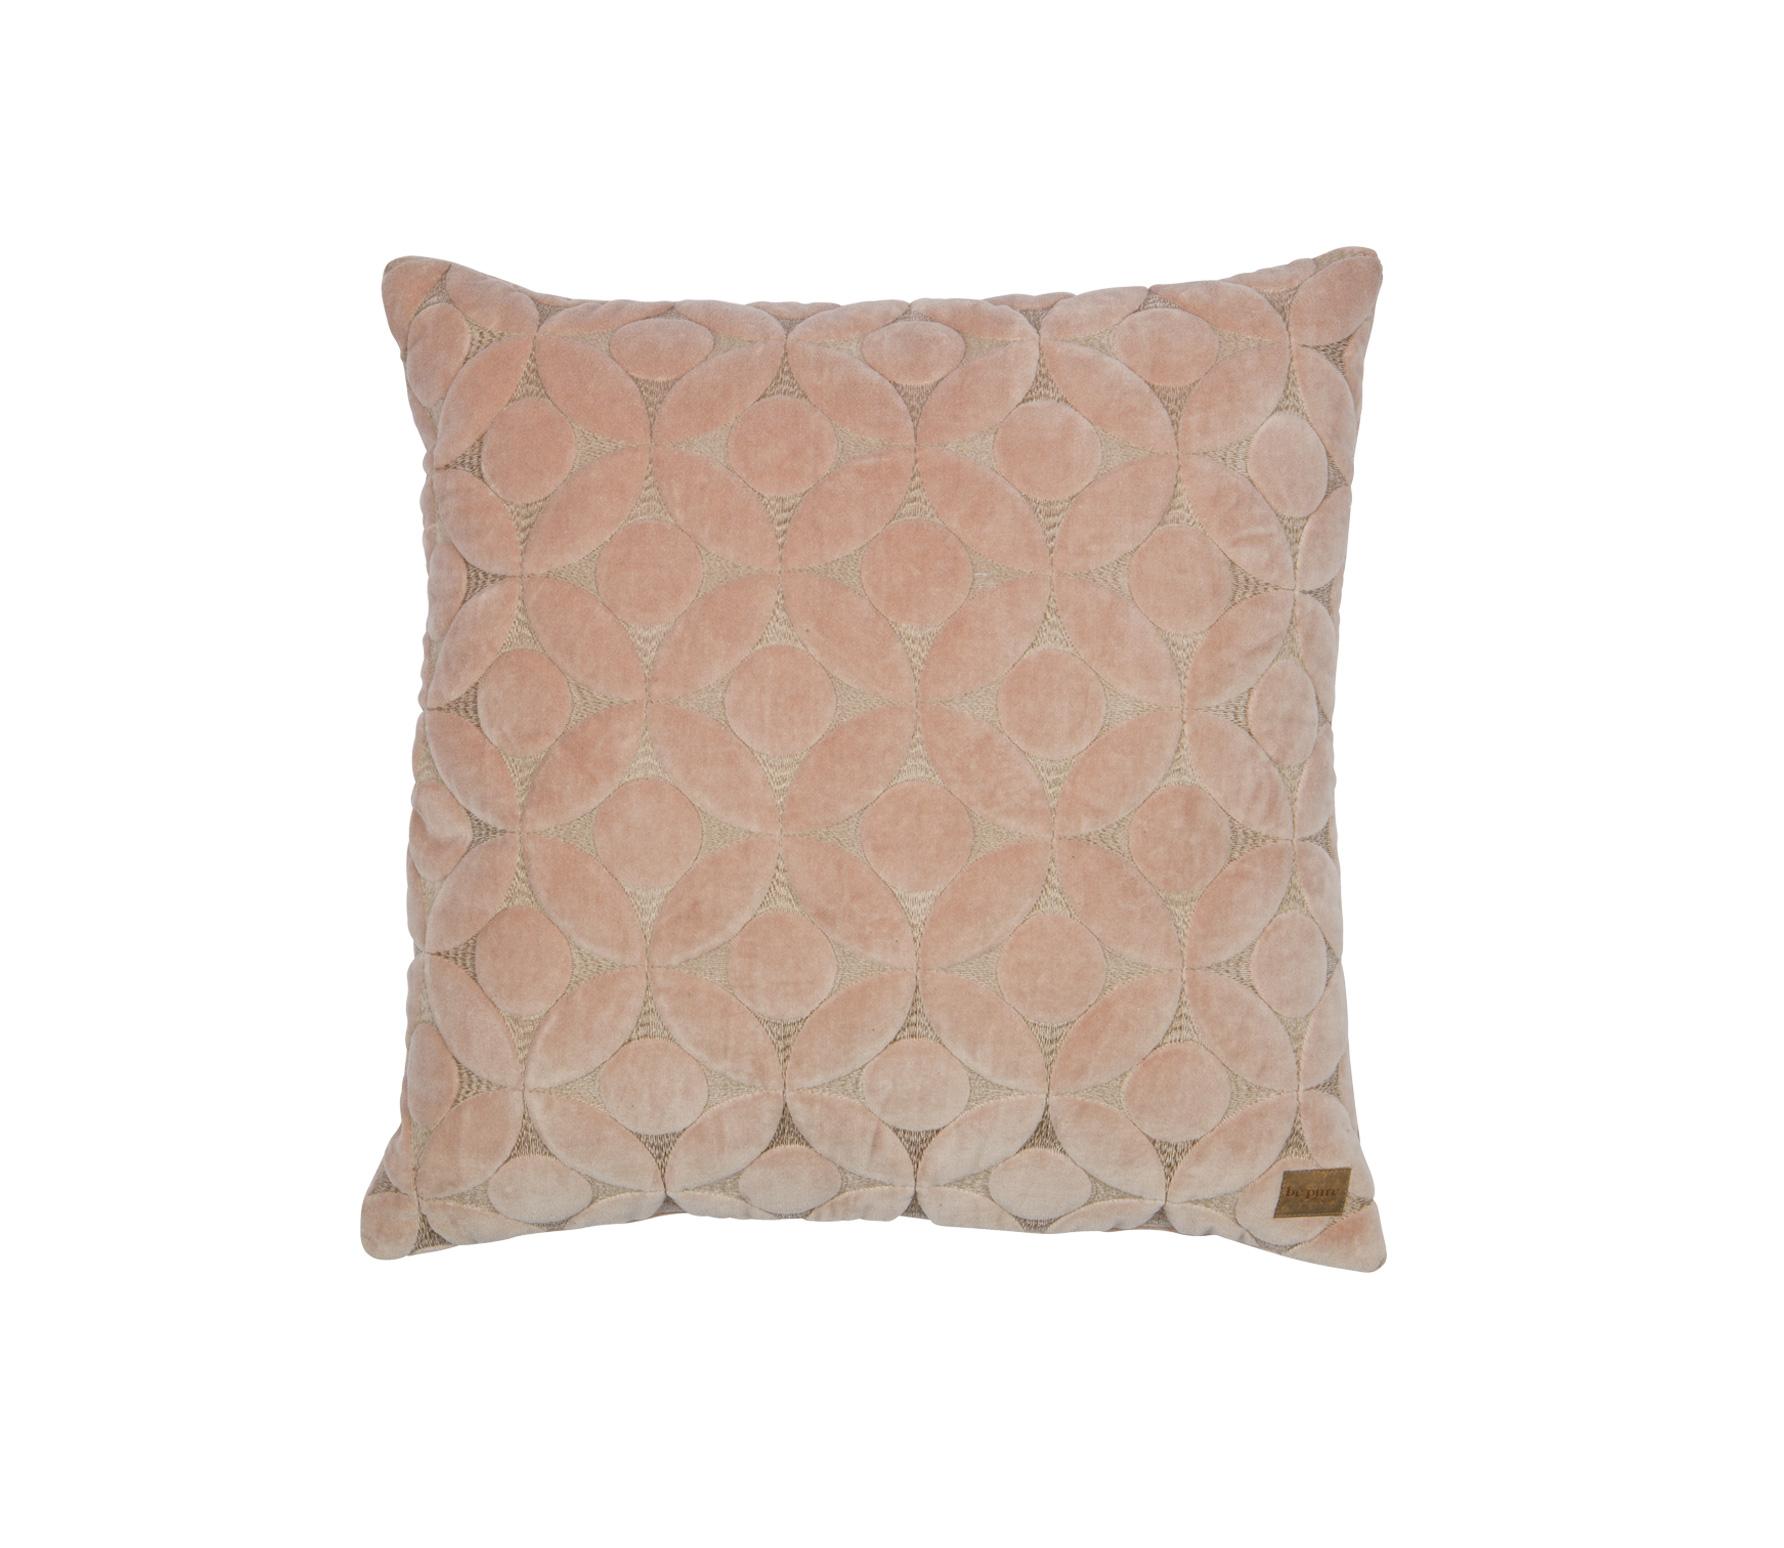 BePureHome Snuggle Round kussen fluweel nude 50x50 cm sfeerbeeld 3